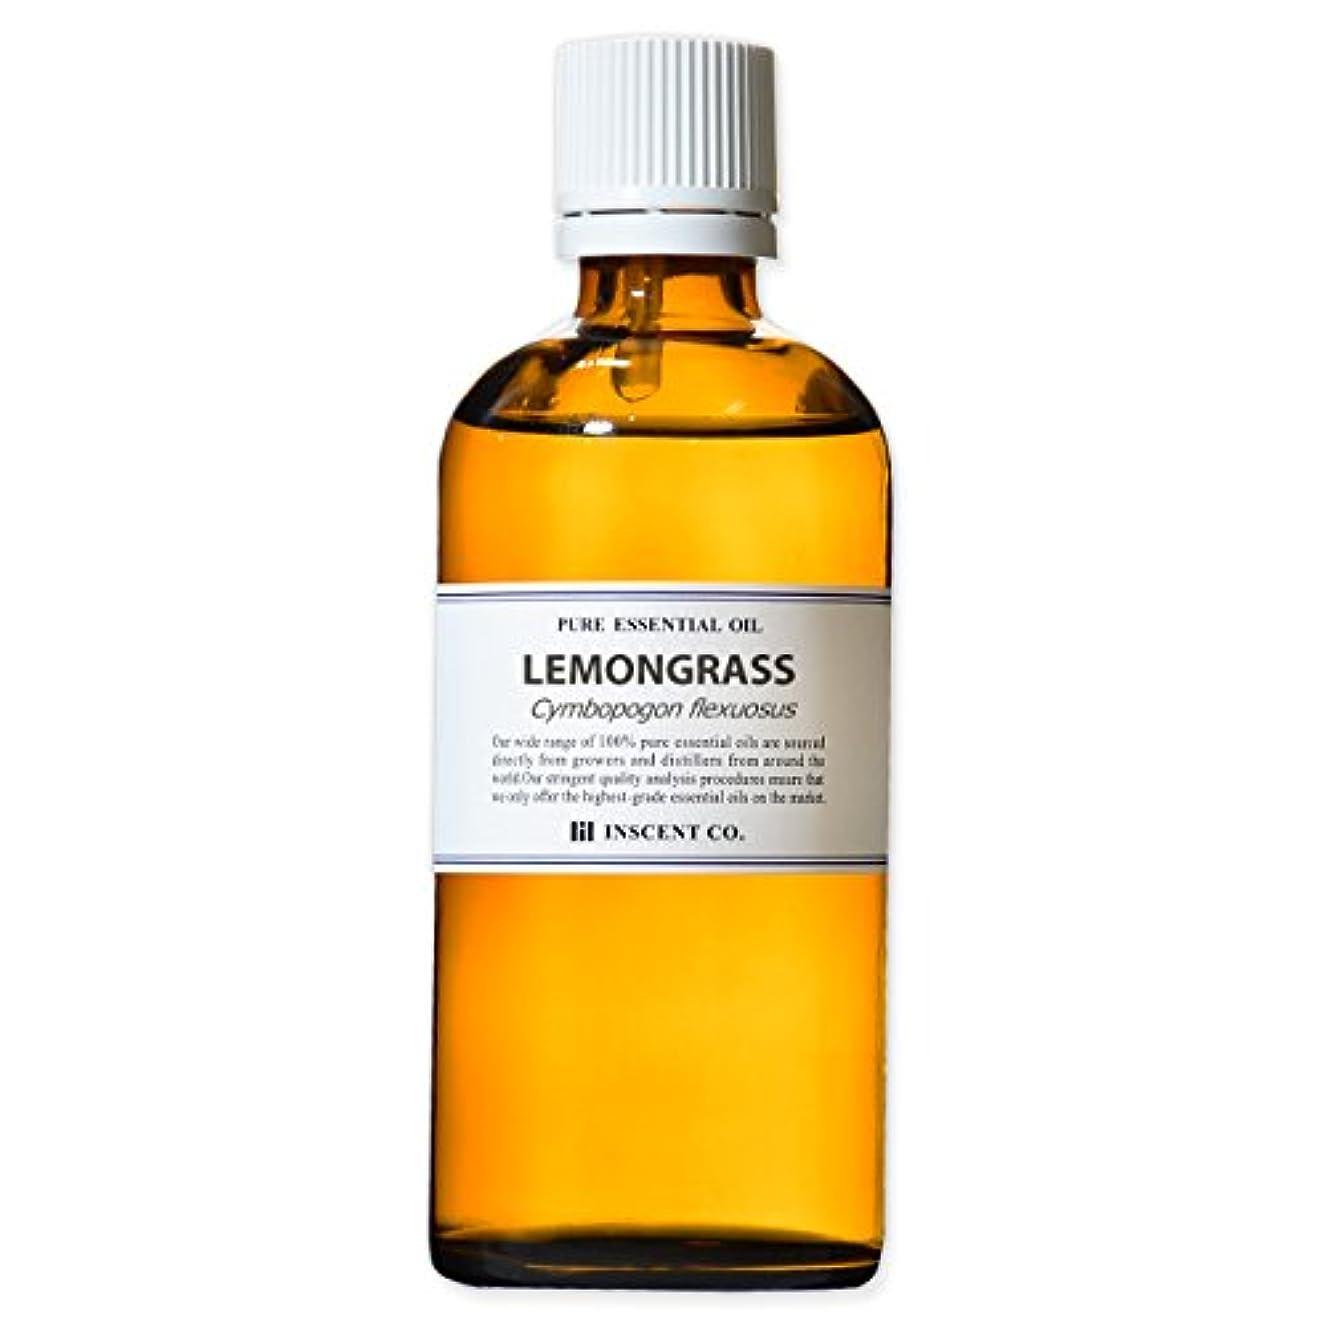 注入眉巻き取りレモングラス 100ml インセント エッセンシャルオイル 精油 アロマオイル